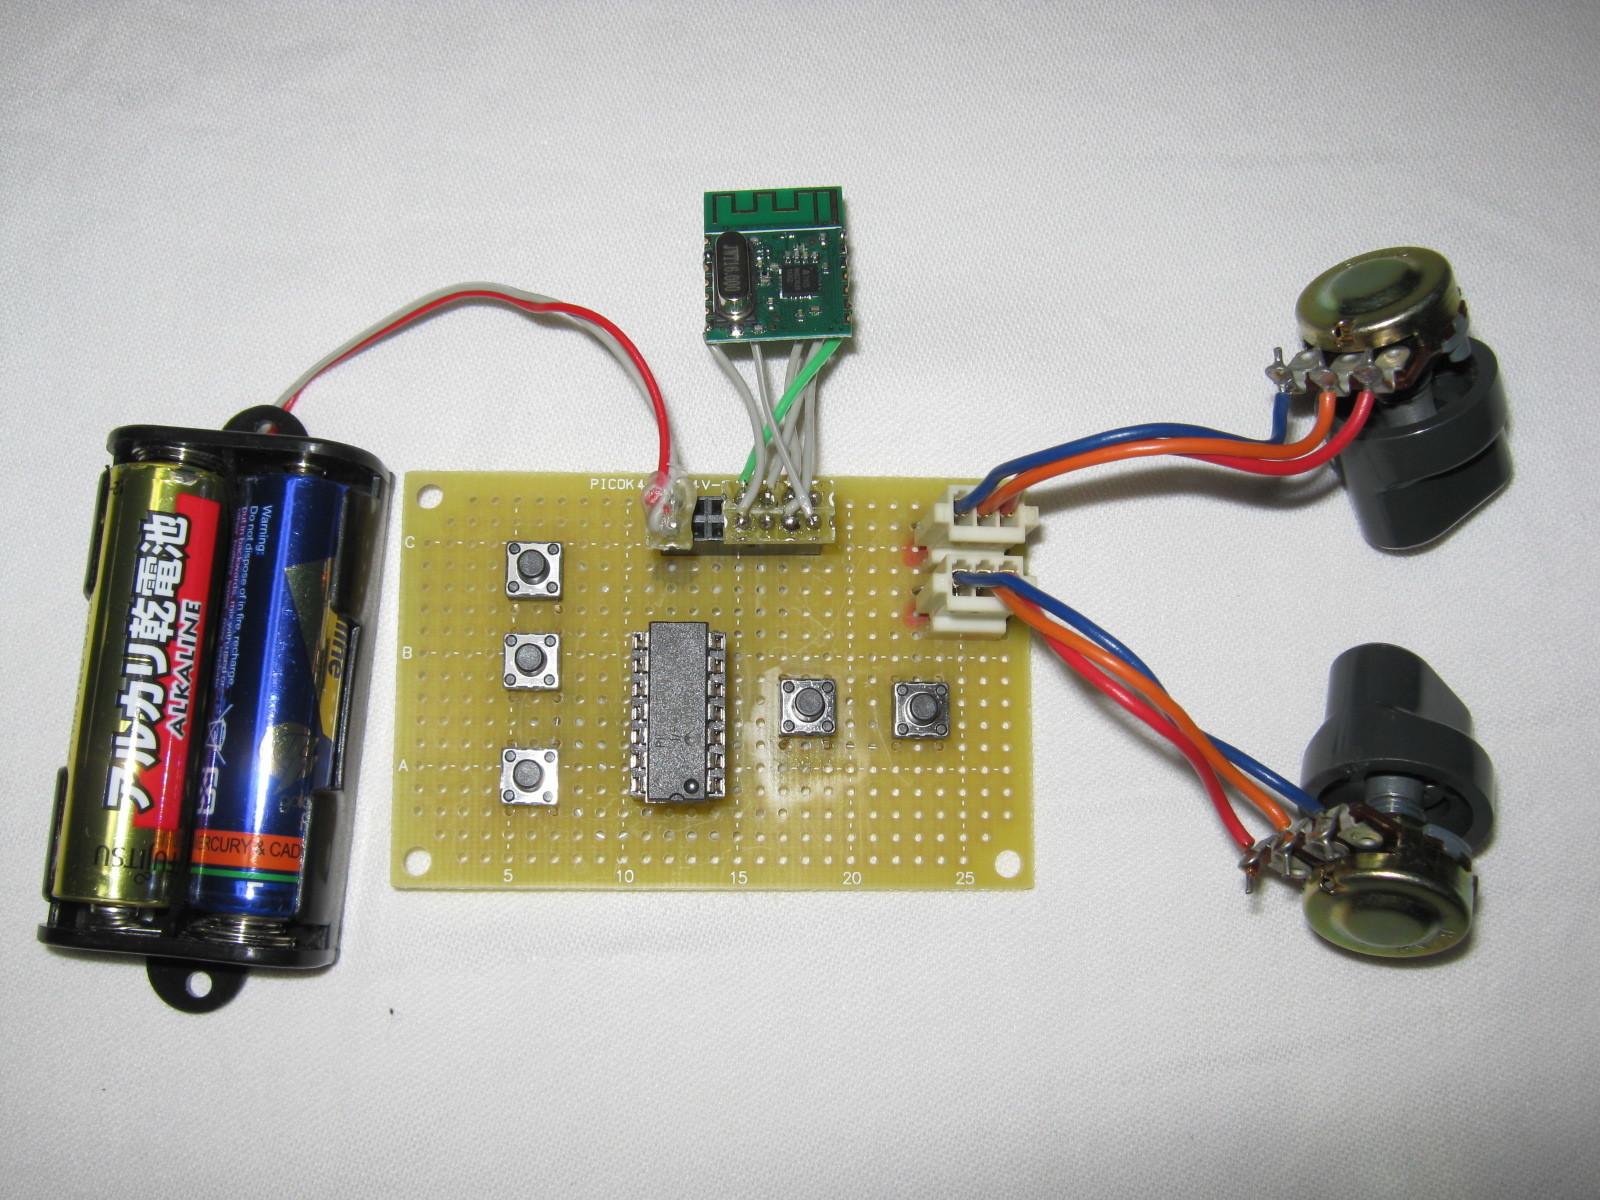 2.4GHzラジコン用ファームウェア製作(A7105)送信側